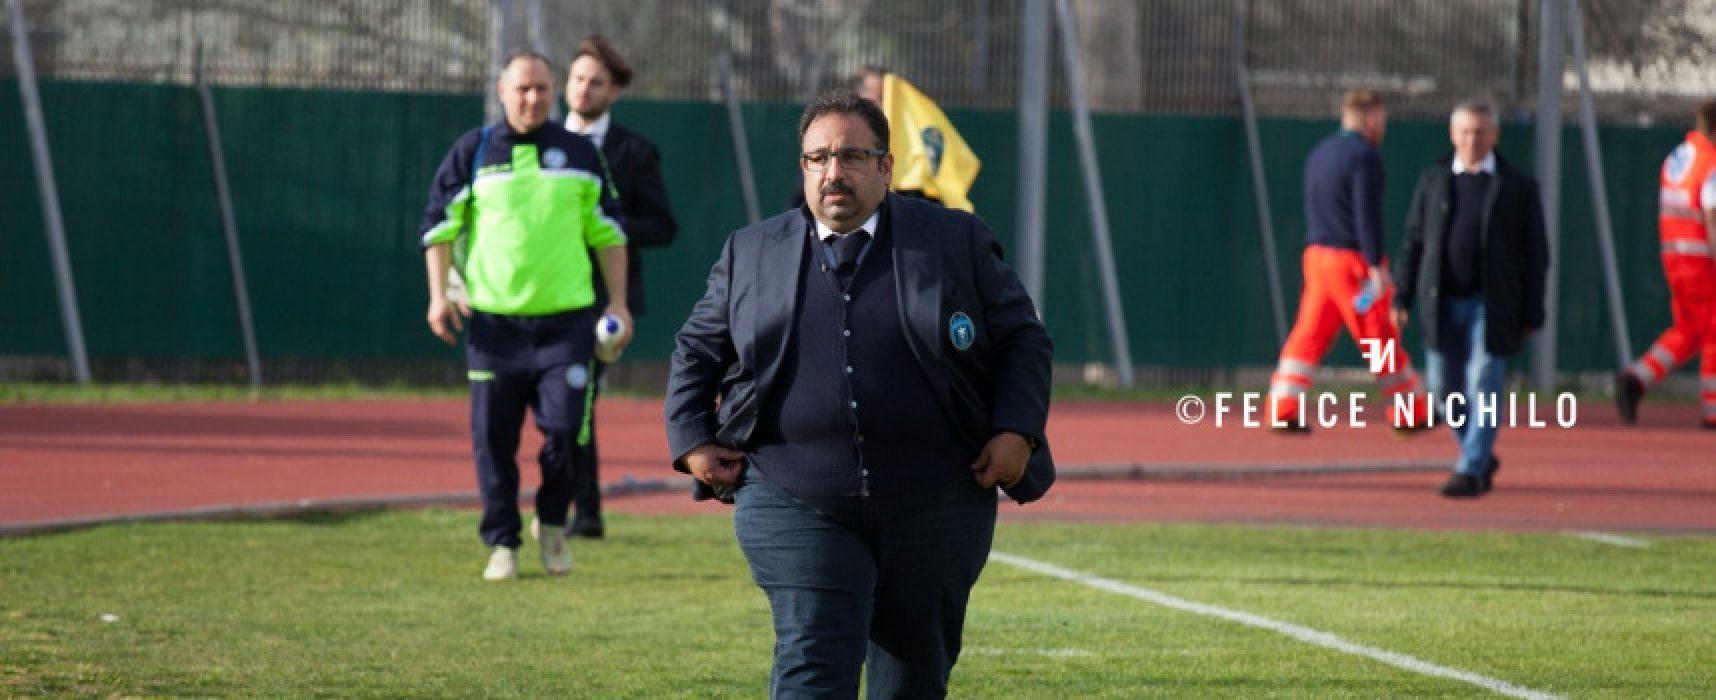 Gianfranco Mancini torna sulla panchina del Bisceglie Calcio